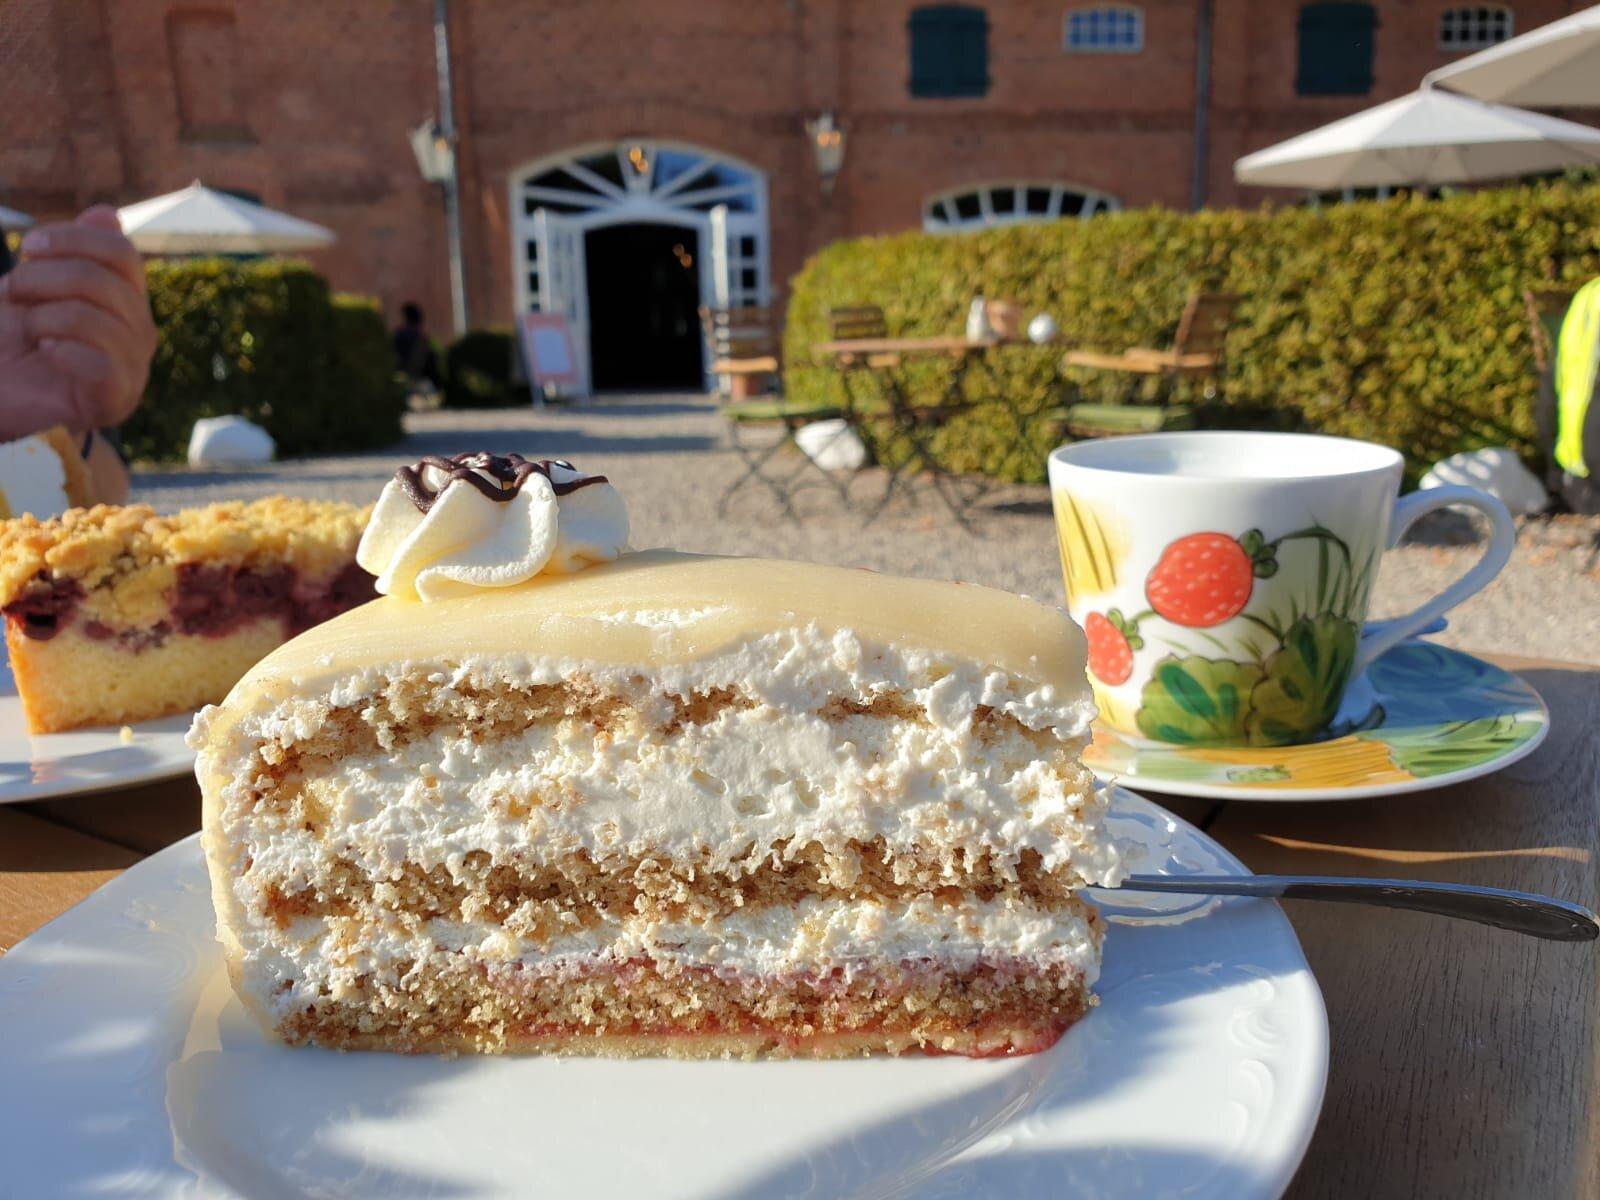 Badevergnügen in glasklarem Wasser